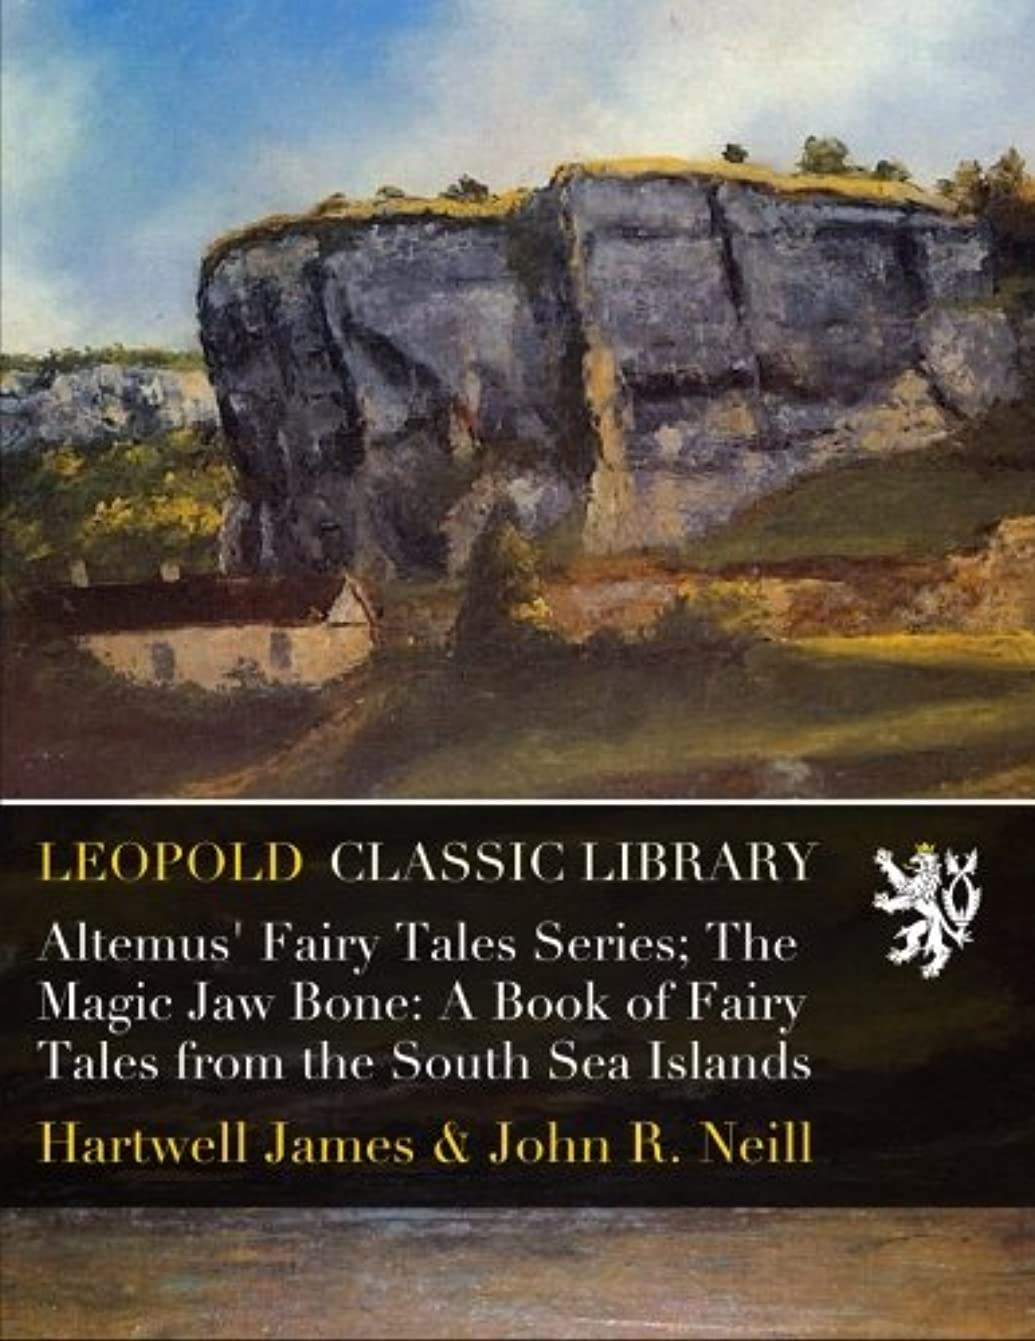 これまでびっくりするけん引Altemus' Fairy Tales Series; The Magic Jaw Bone: A Book of Fairy Tales from the South Sea Islands